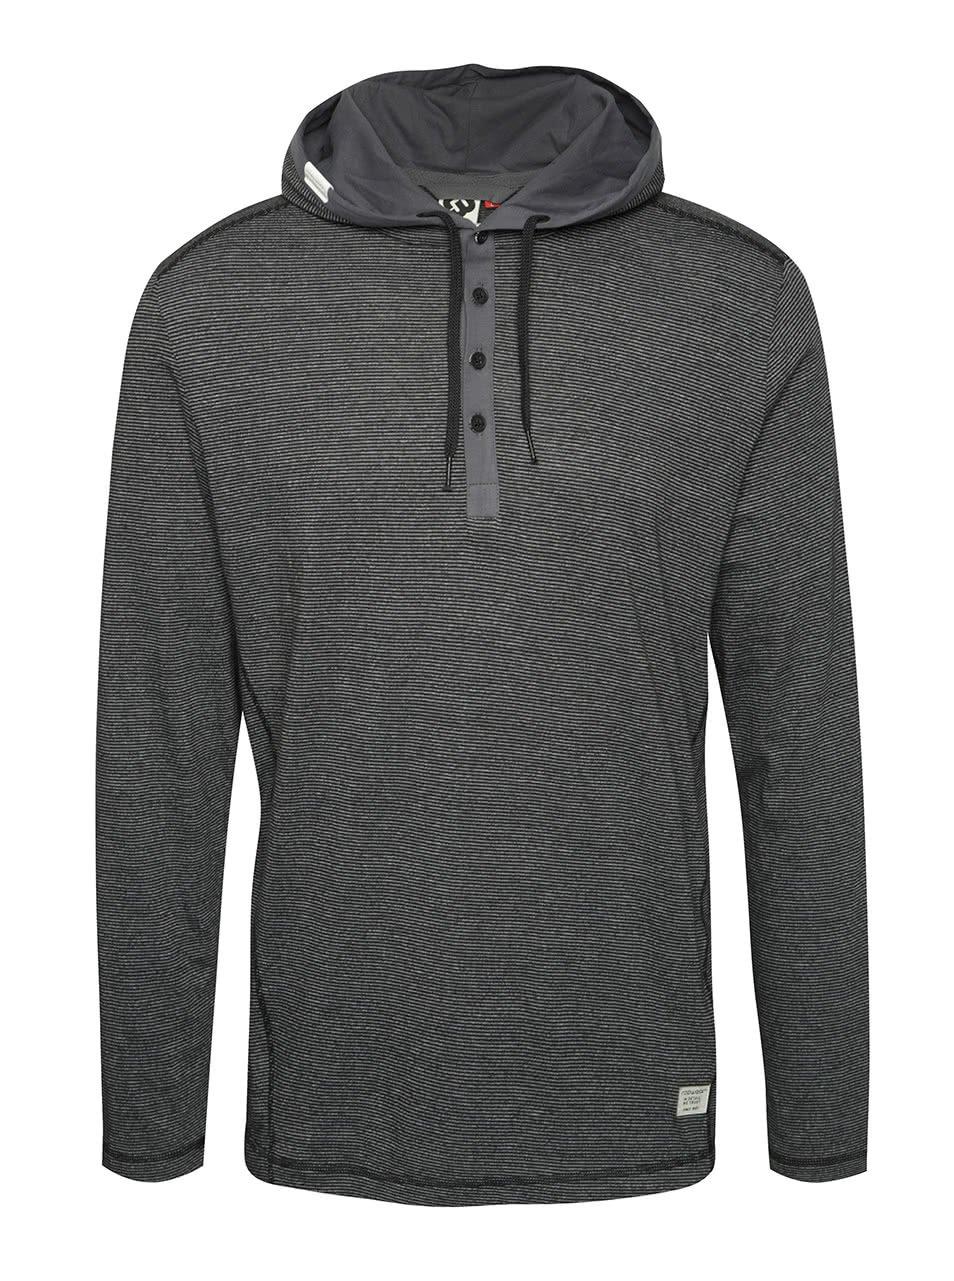 Černé pánské tričko s kapucí Ragwear Fall